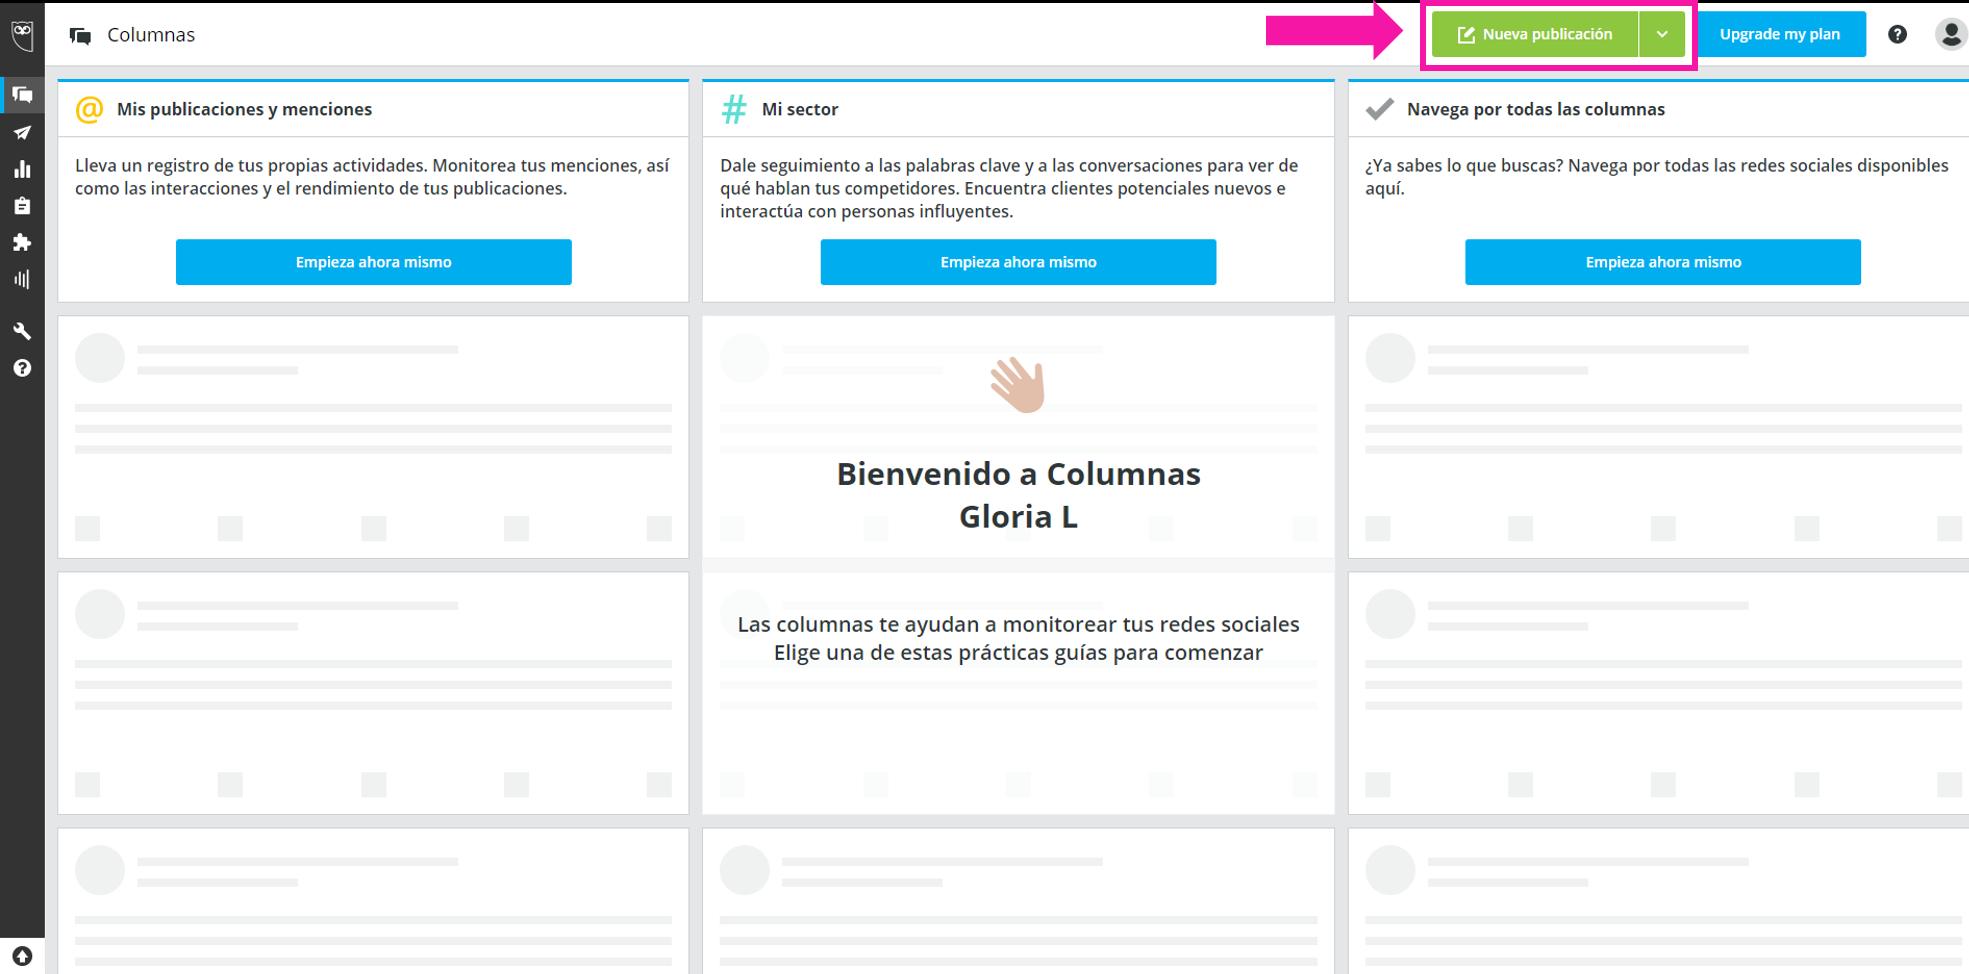 Captura de pantalla mostrando el botón para crear una nueva publicación